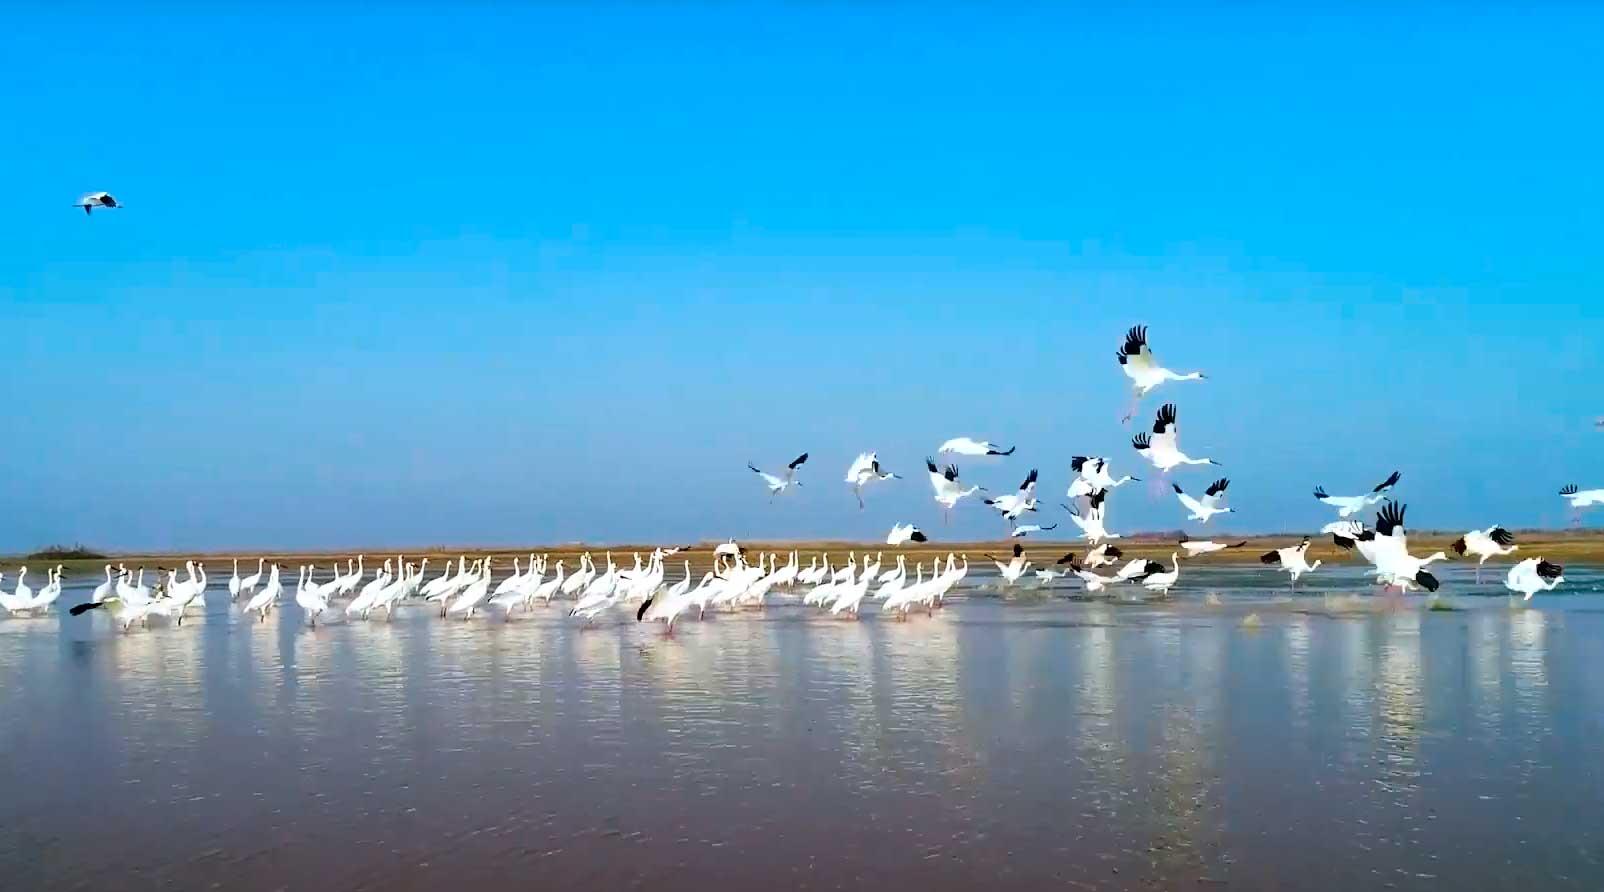 Reforzamos el compromiso internacional para la protección de lagos y humedales. Living lakes